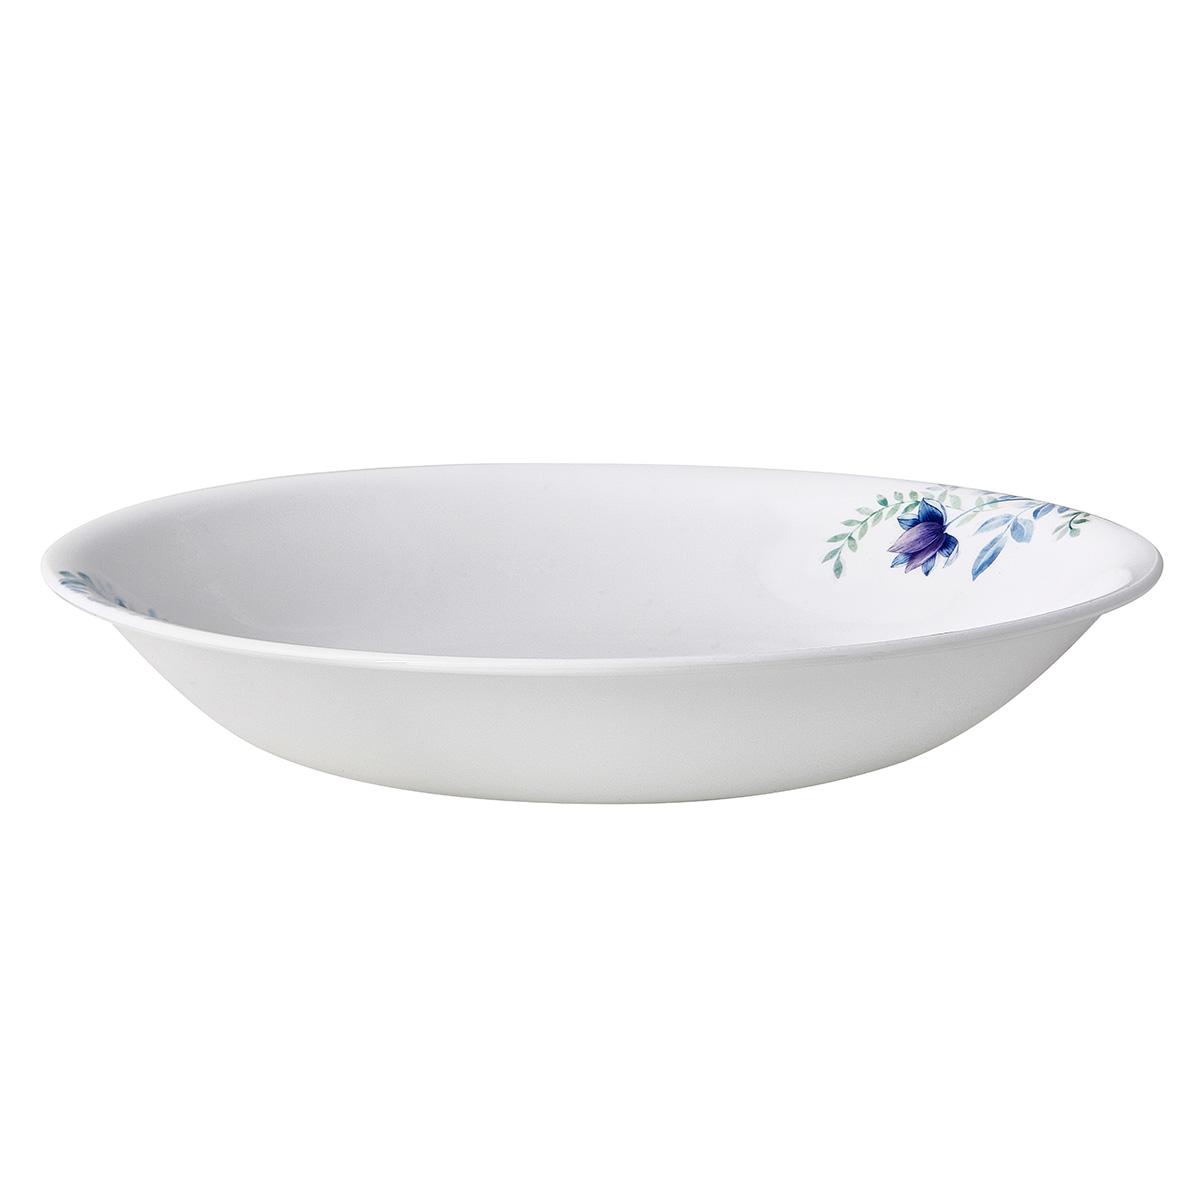 Corelle 21cm Soup Plate Blue Floral